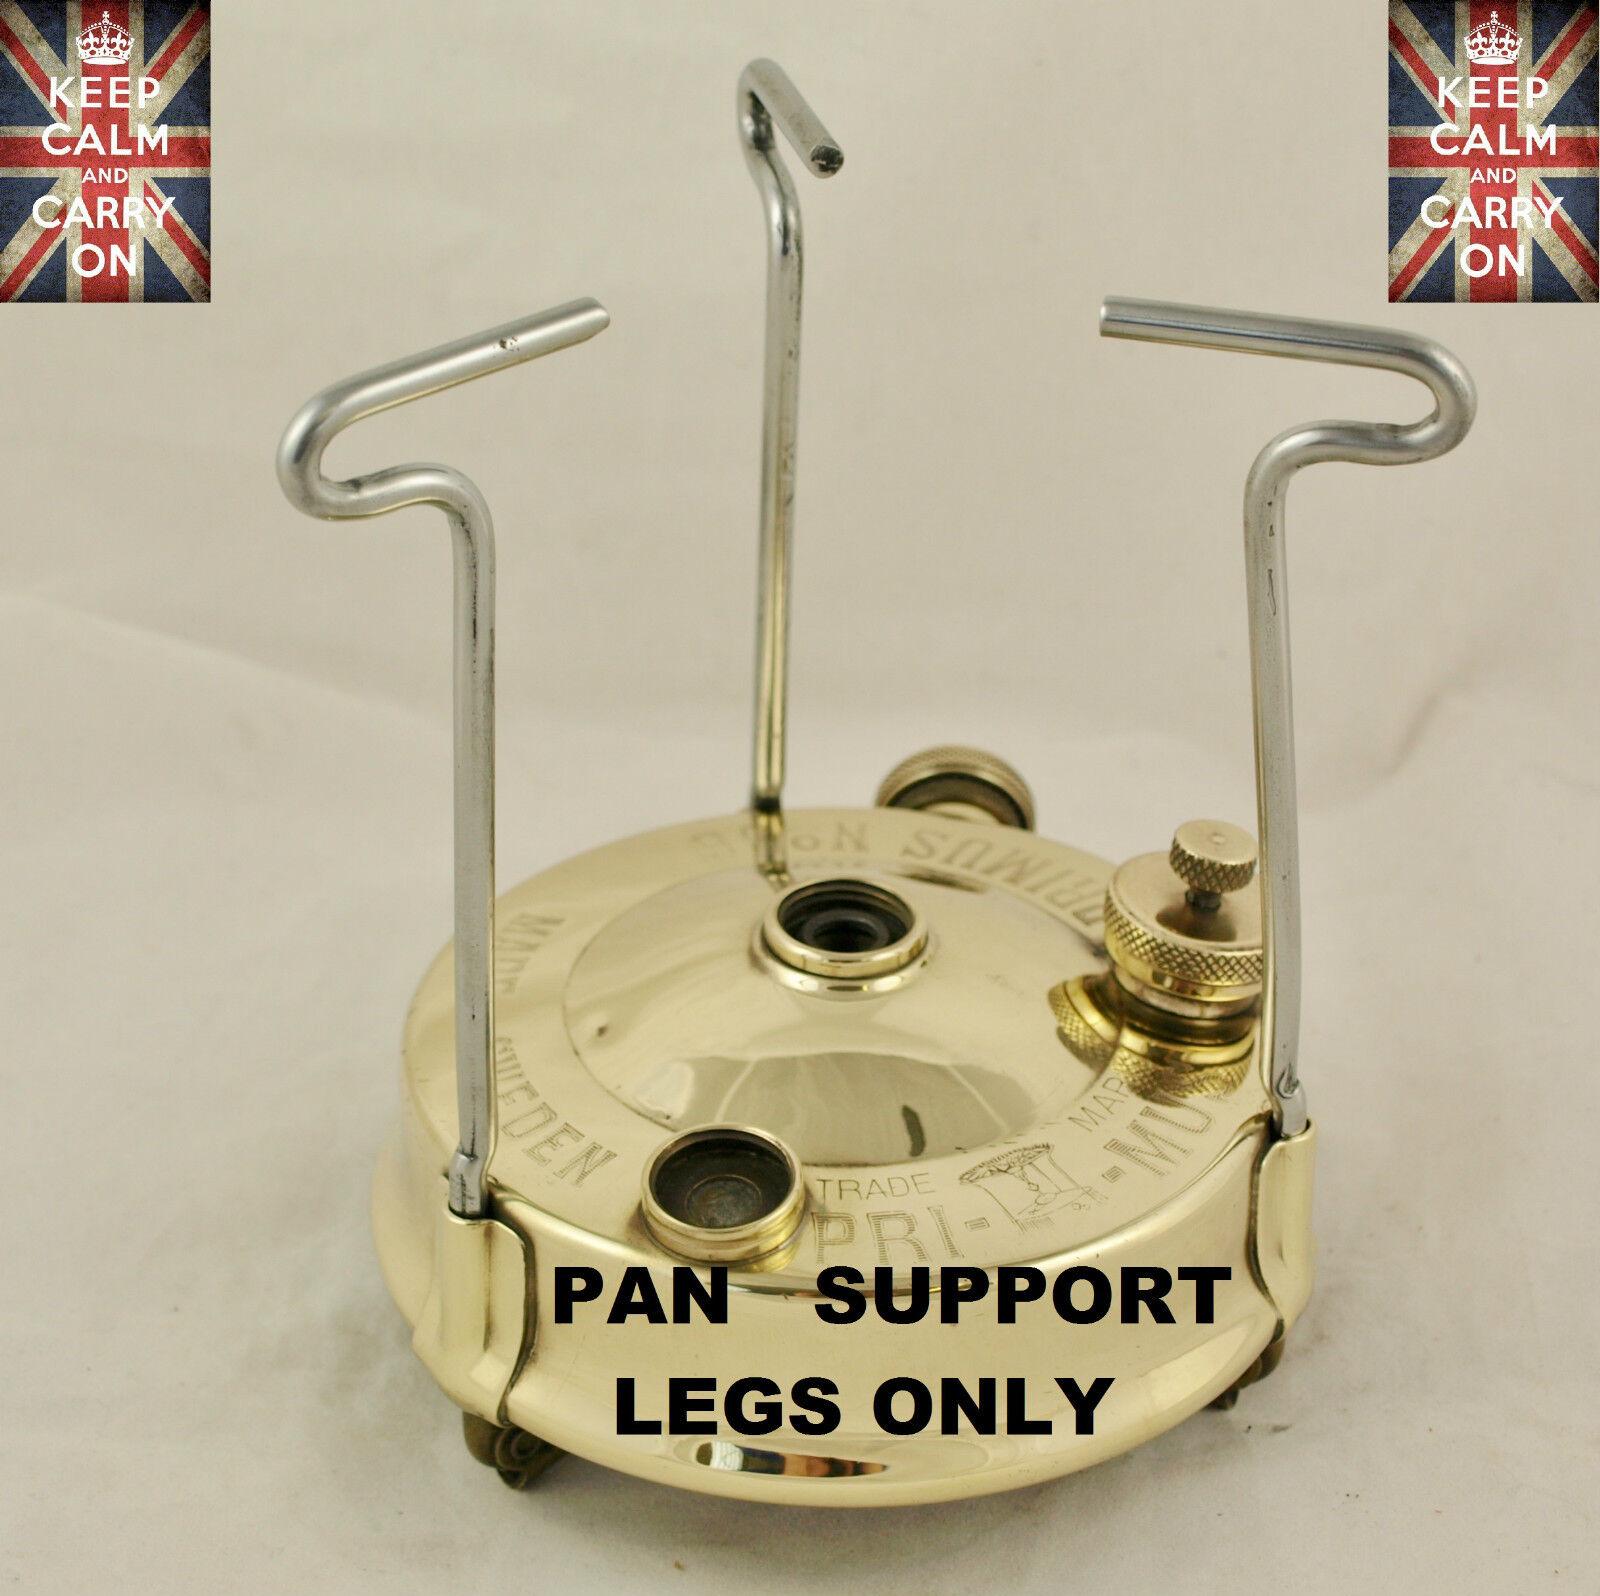 Primus Réchaud support No96 pan support Réchaud jambes Optimus pièces poêle cuisinière de camping de rechange 046604